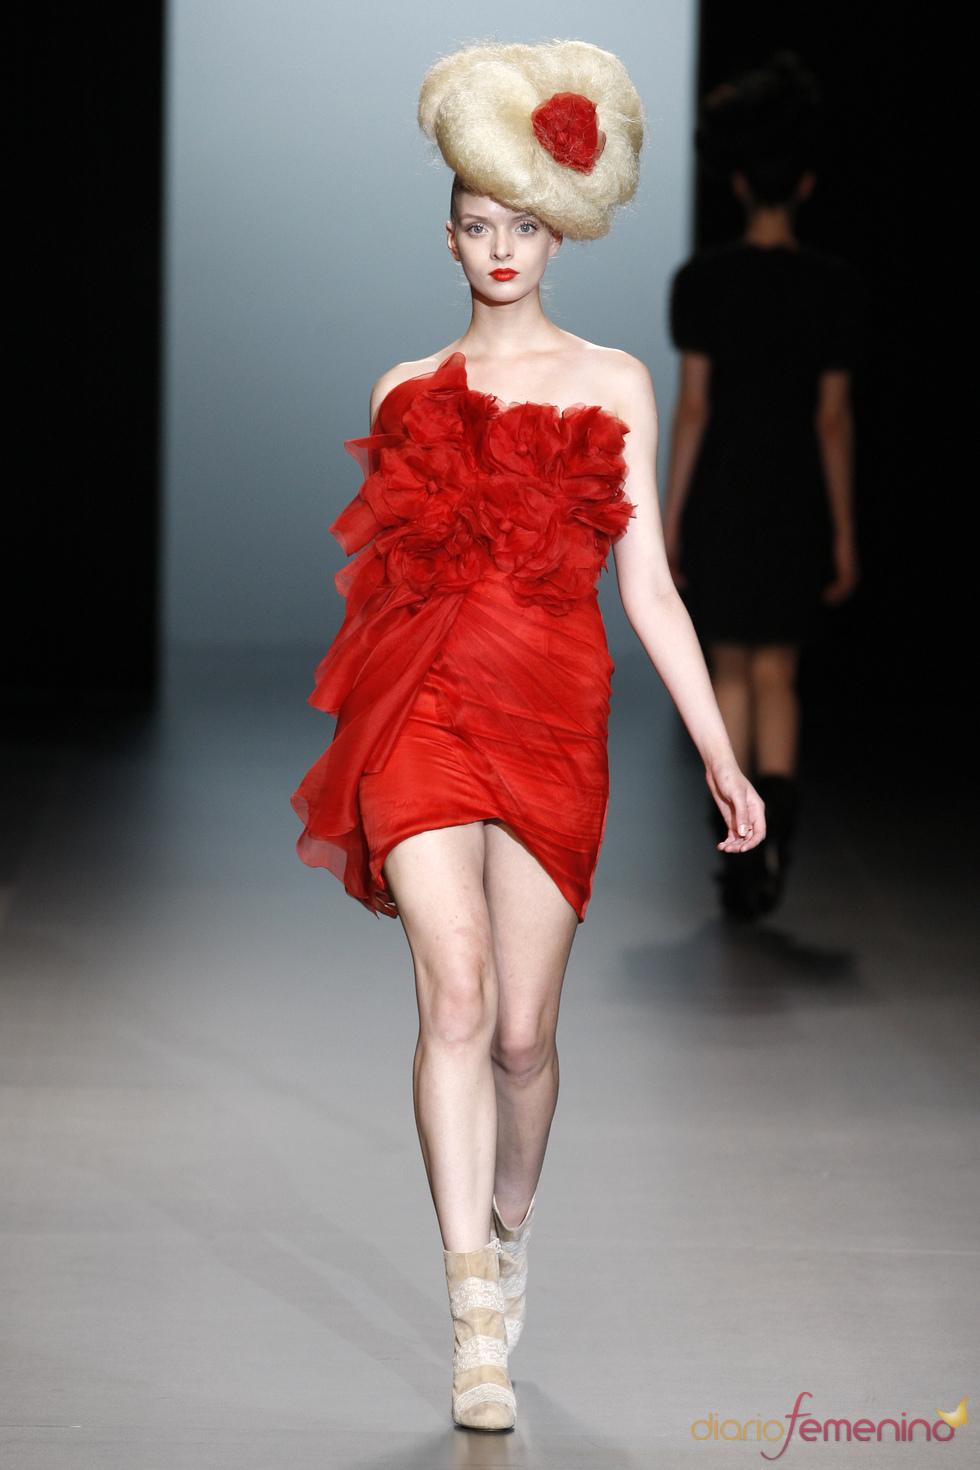 El rojo en la propuesta de Elisa Palomino para la moda primavera verano 2011